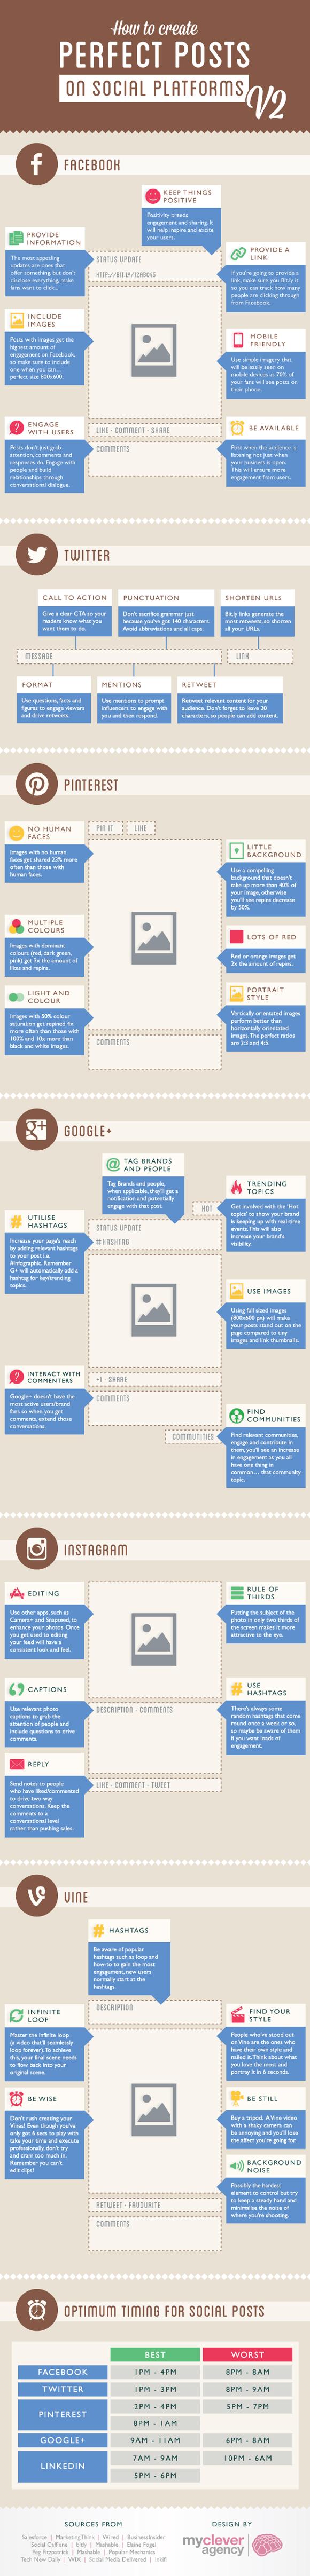 Come creare il post perfetto sui #socialnetwork